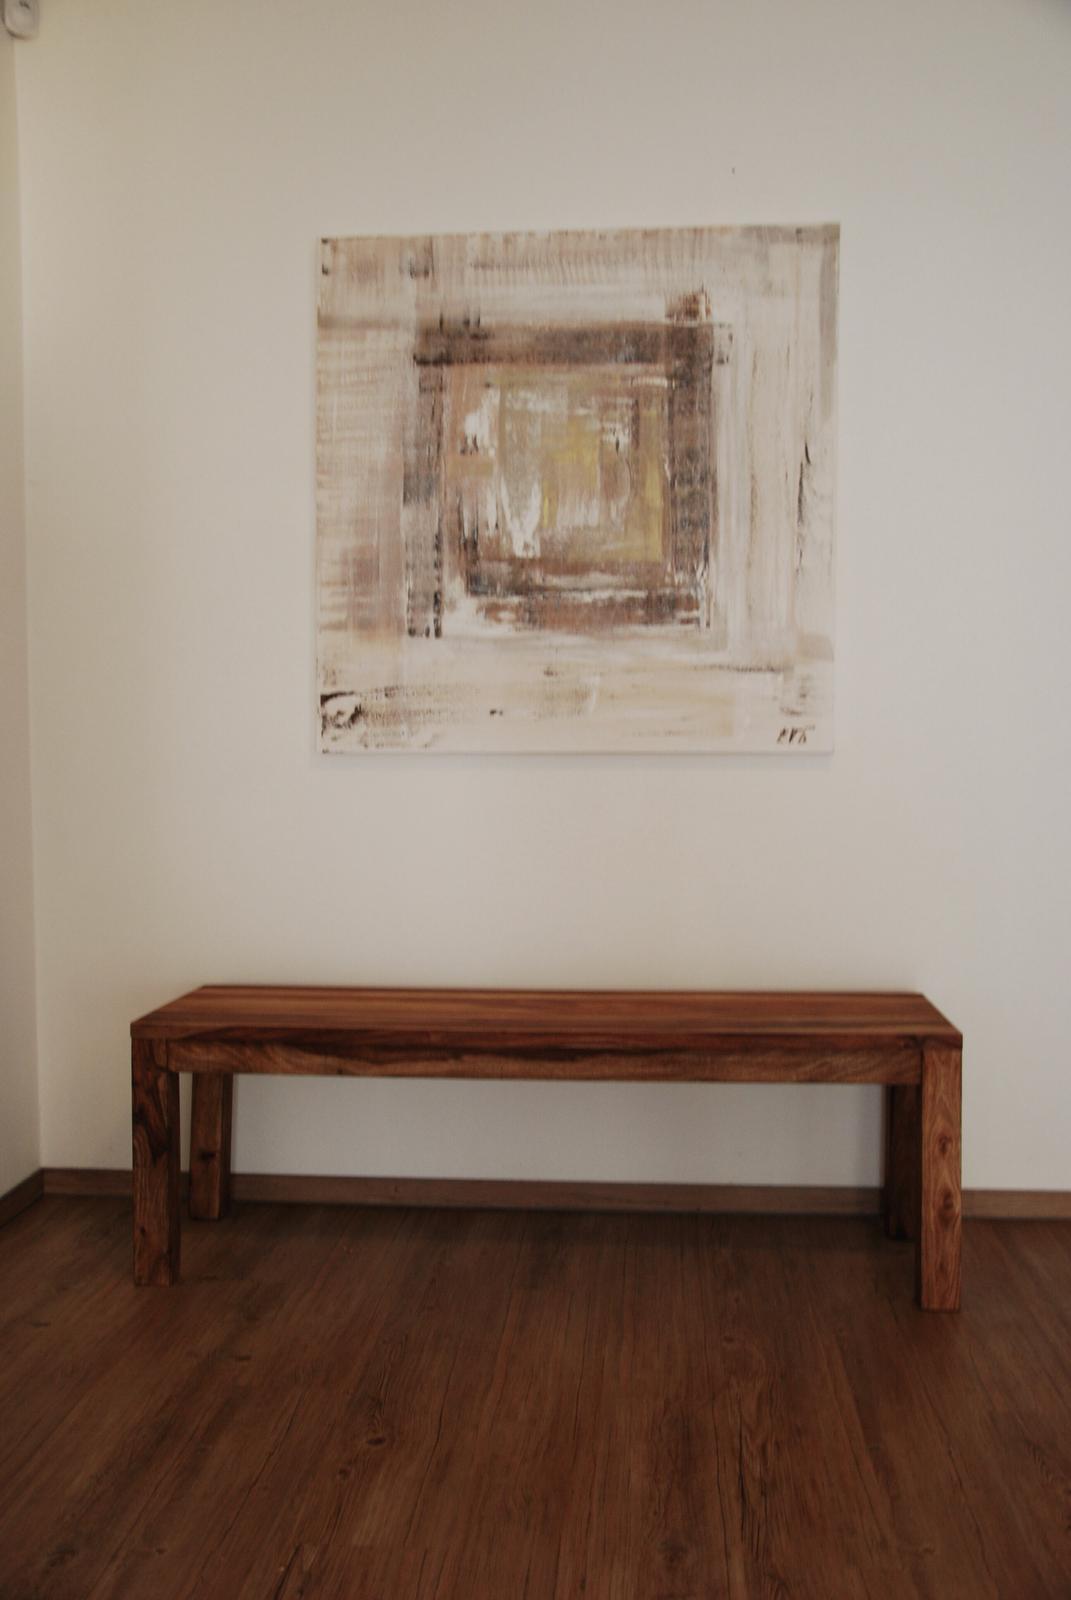 Mé obrazy v interiérech - Zlaté srdce, 100x100 cm, olejomalba na plátně , prodáno